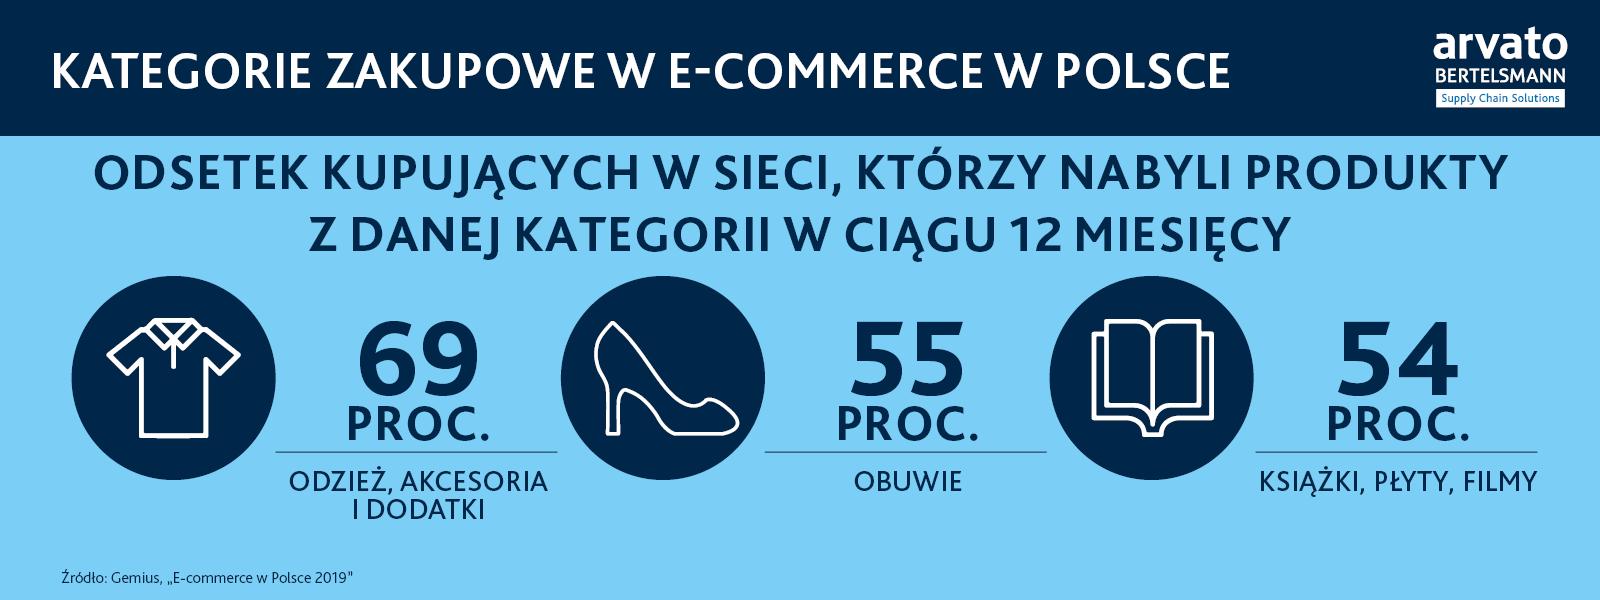 kategorie zakupowe we-commerce